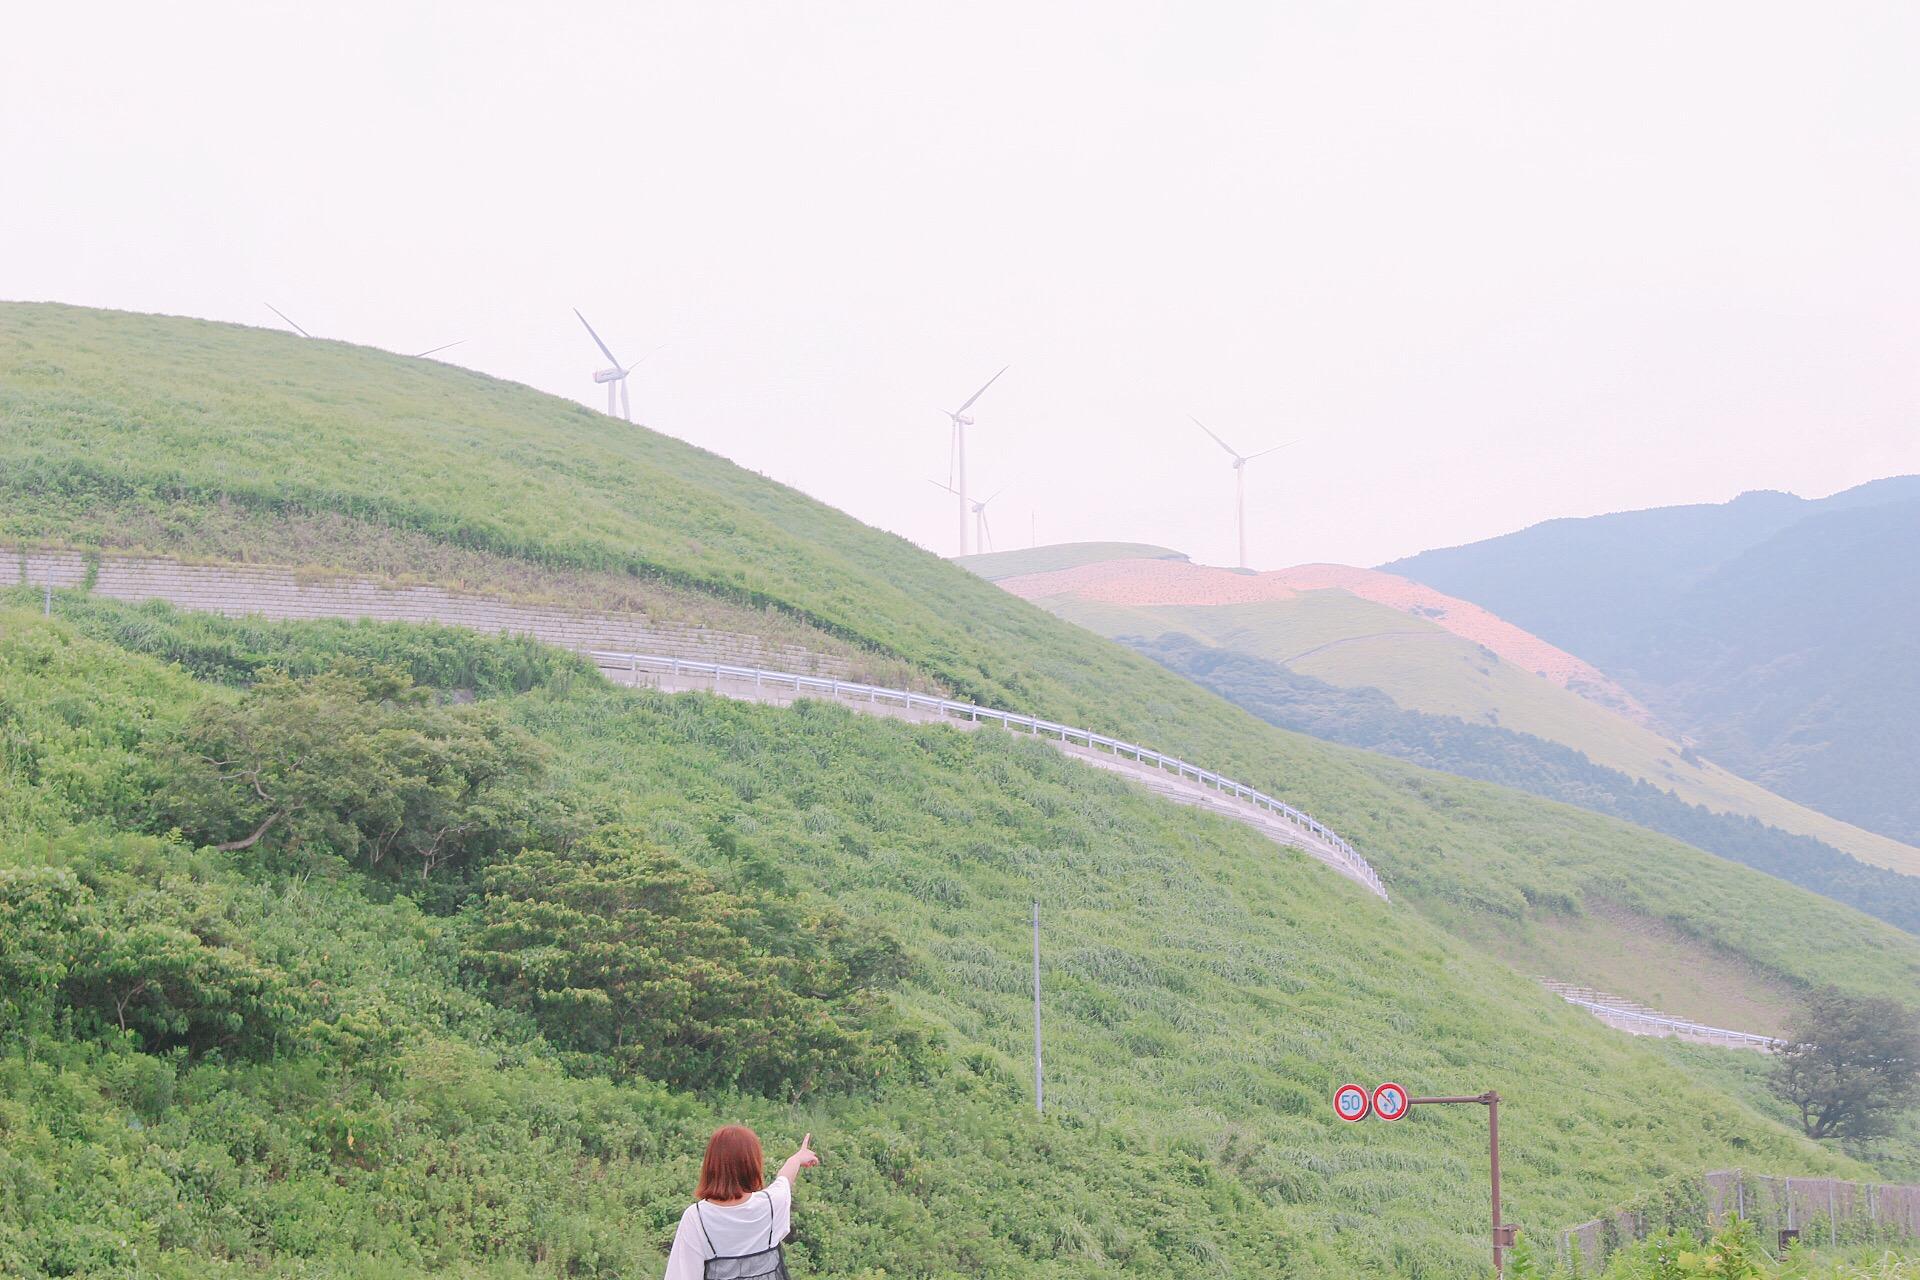 【俵山の夜景と風車】西原駐車場で眺める景色は、非日常だった